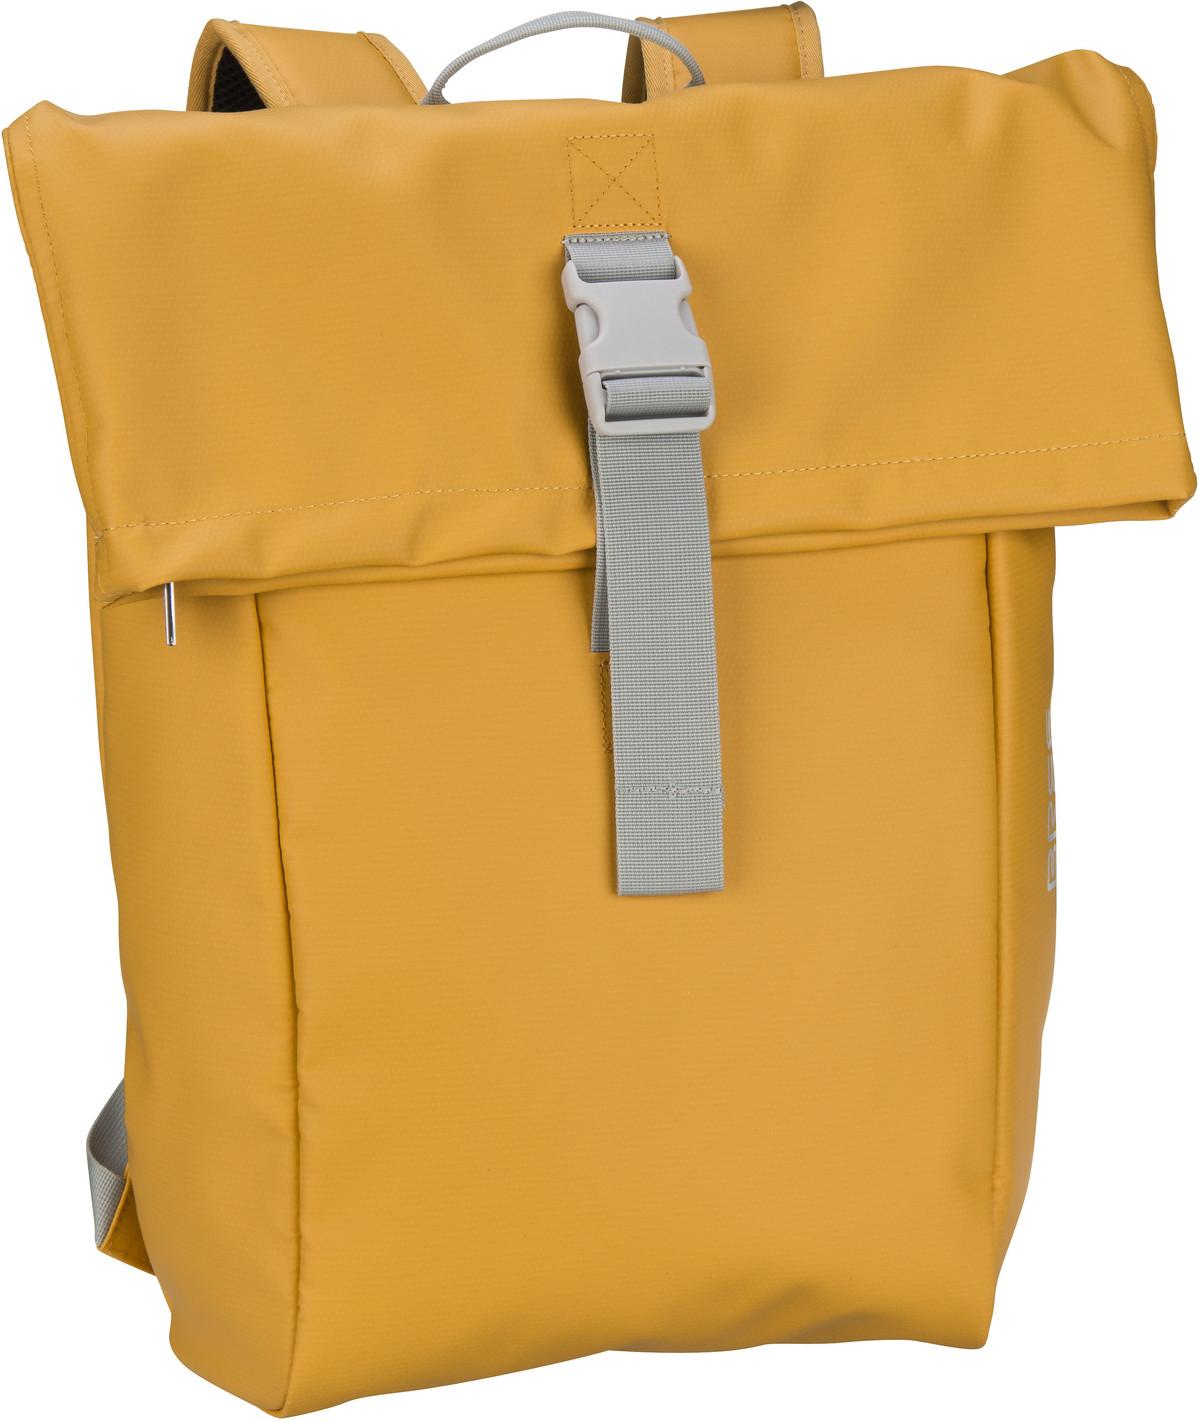 Rucksack / Daypack Punch 93 Backpack Mayblob (23 Liter)